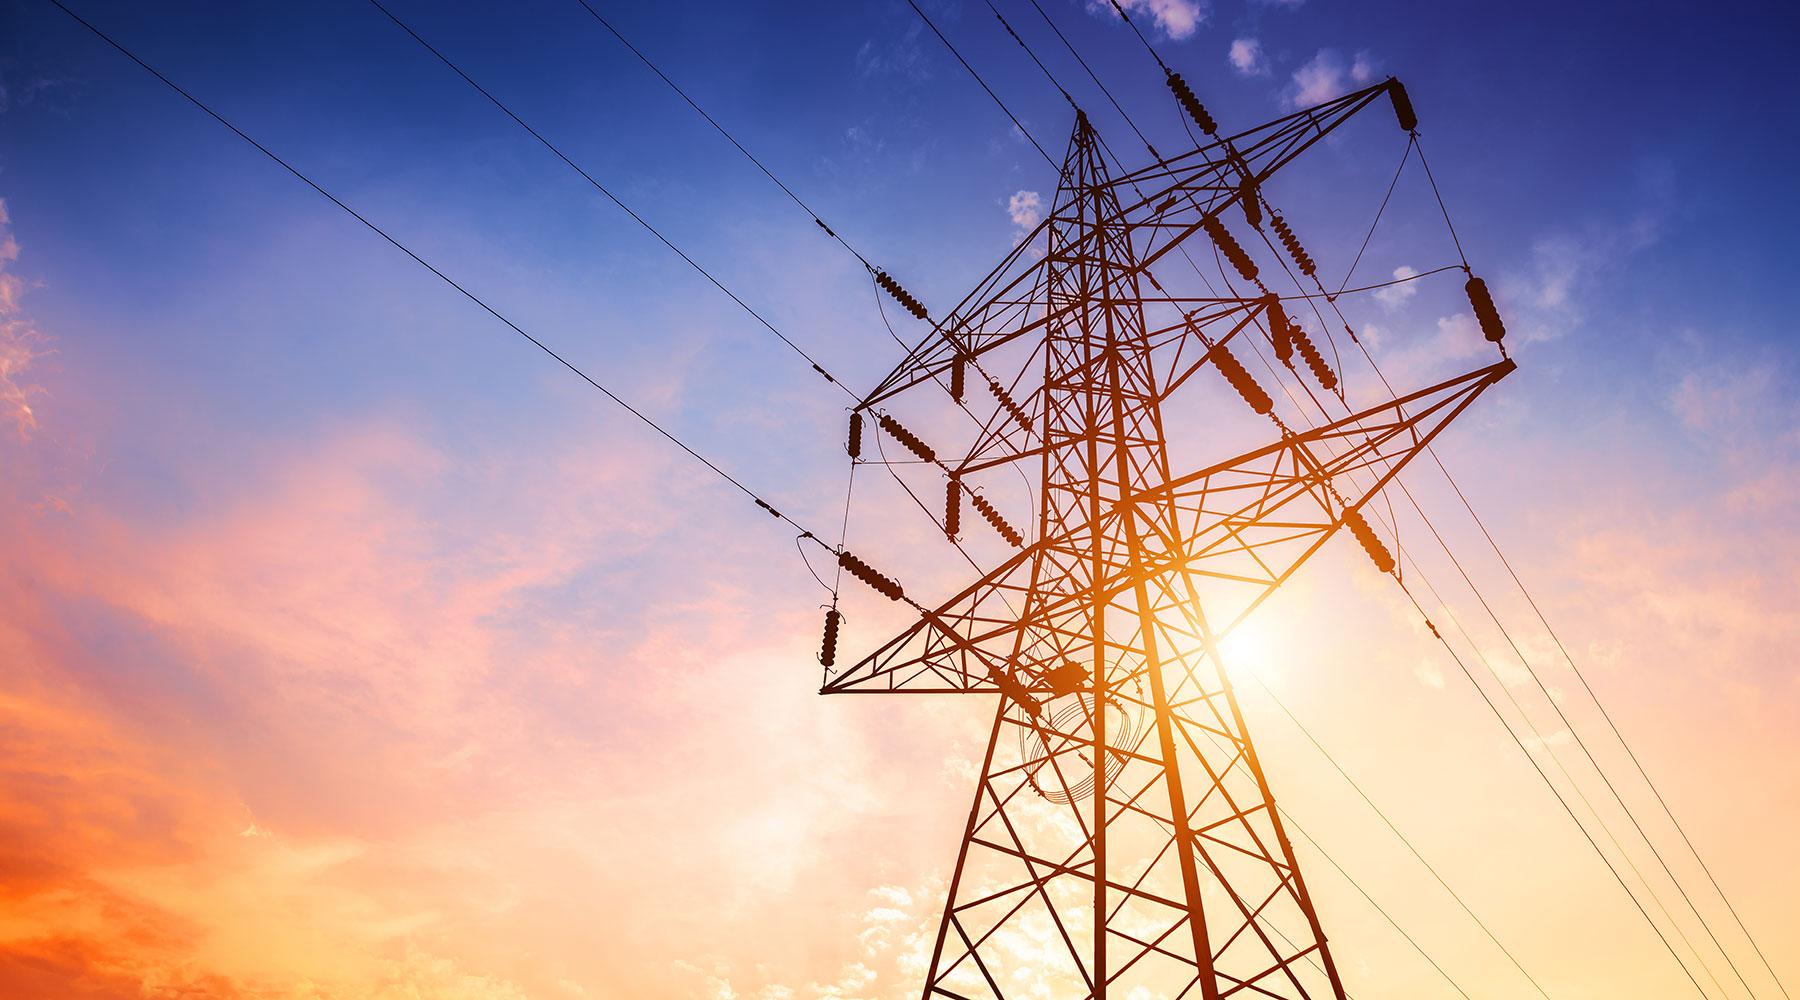 Планові експлуатаційні обслуговування електричних мереж на території громади у cерпні 2021 року